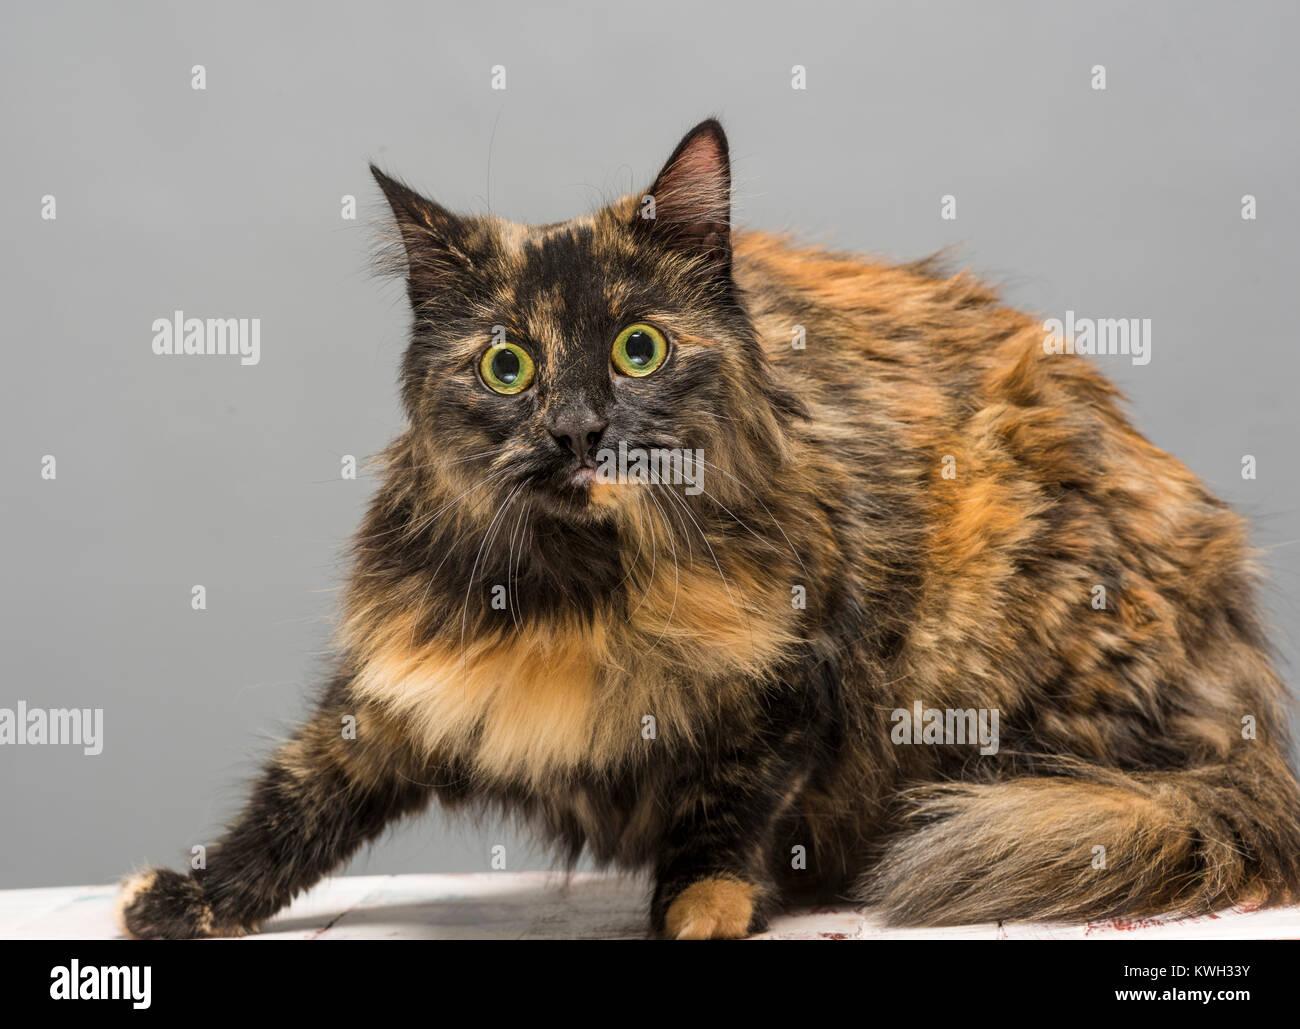 Largo pelaje atigrado gato mirando alerta interno Foto de stock